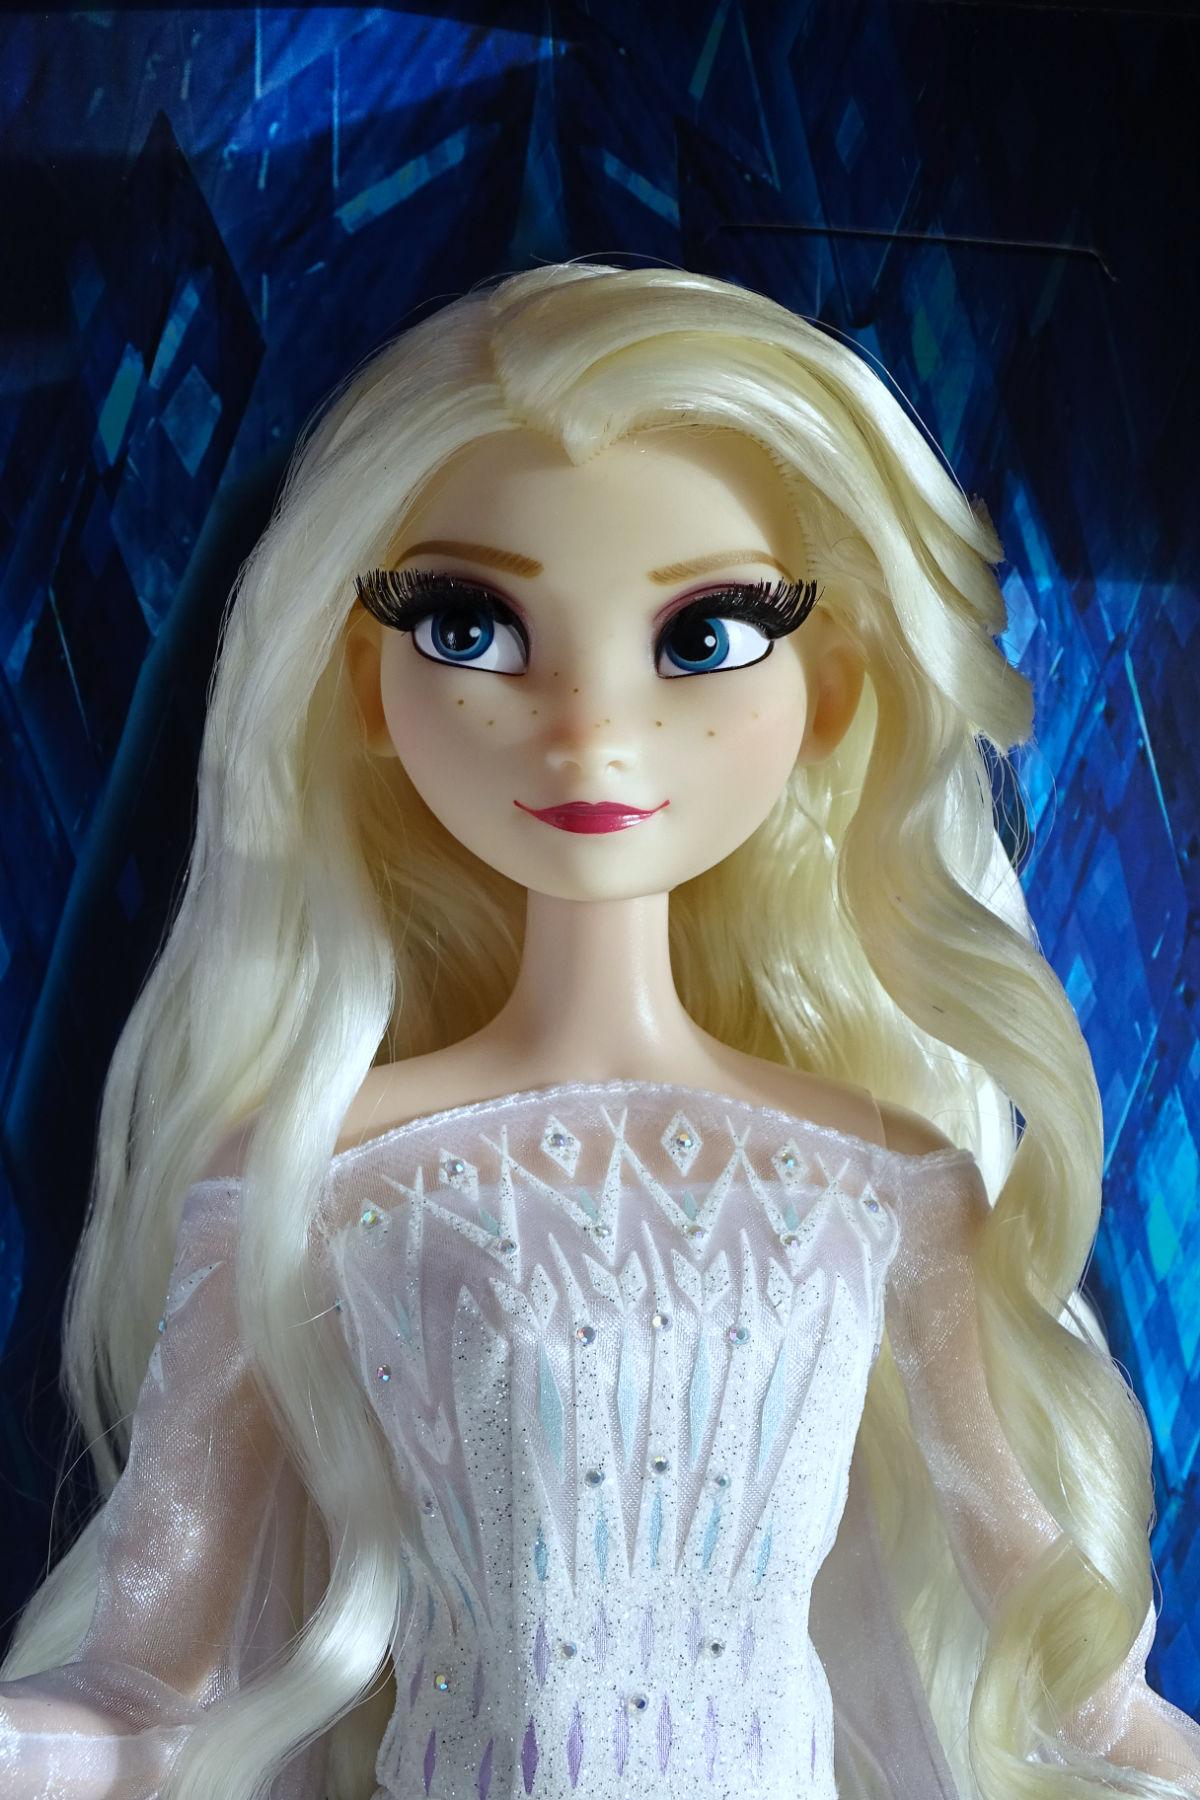 Nos poupées LE en photo : Pour le plaisir de partager - Page 24 Dsc06612